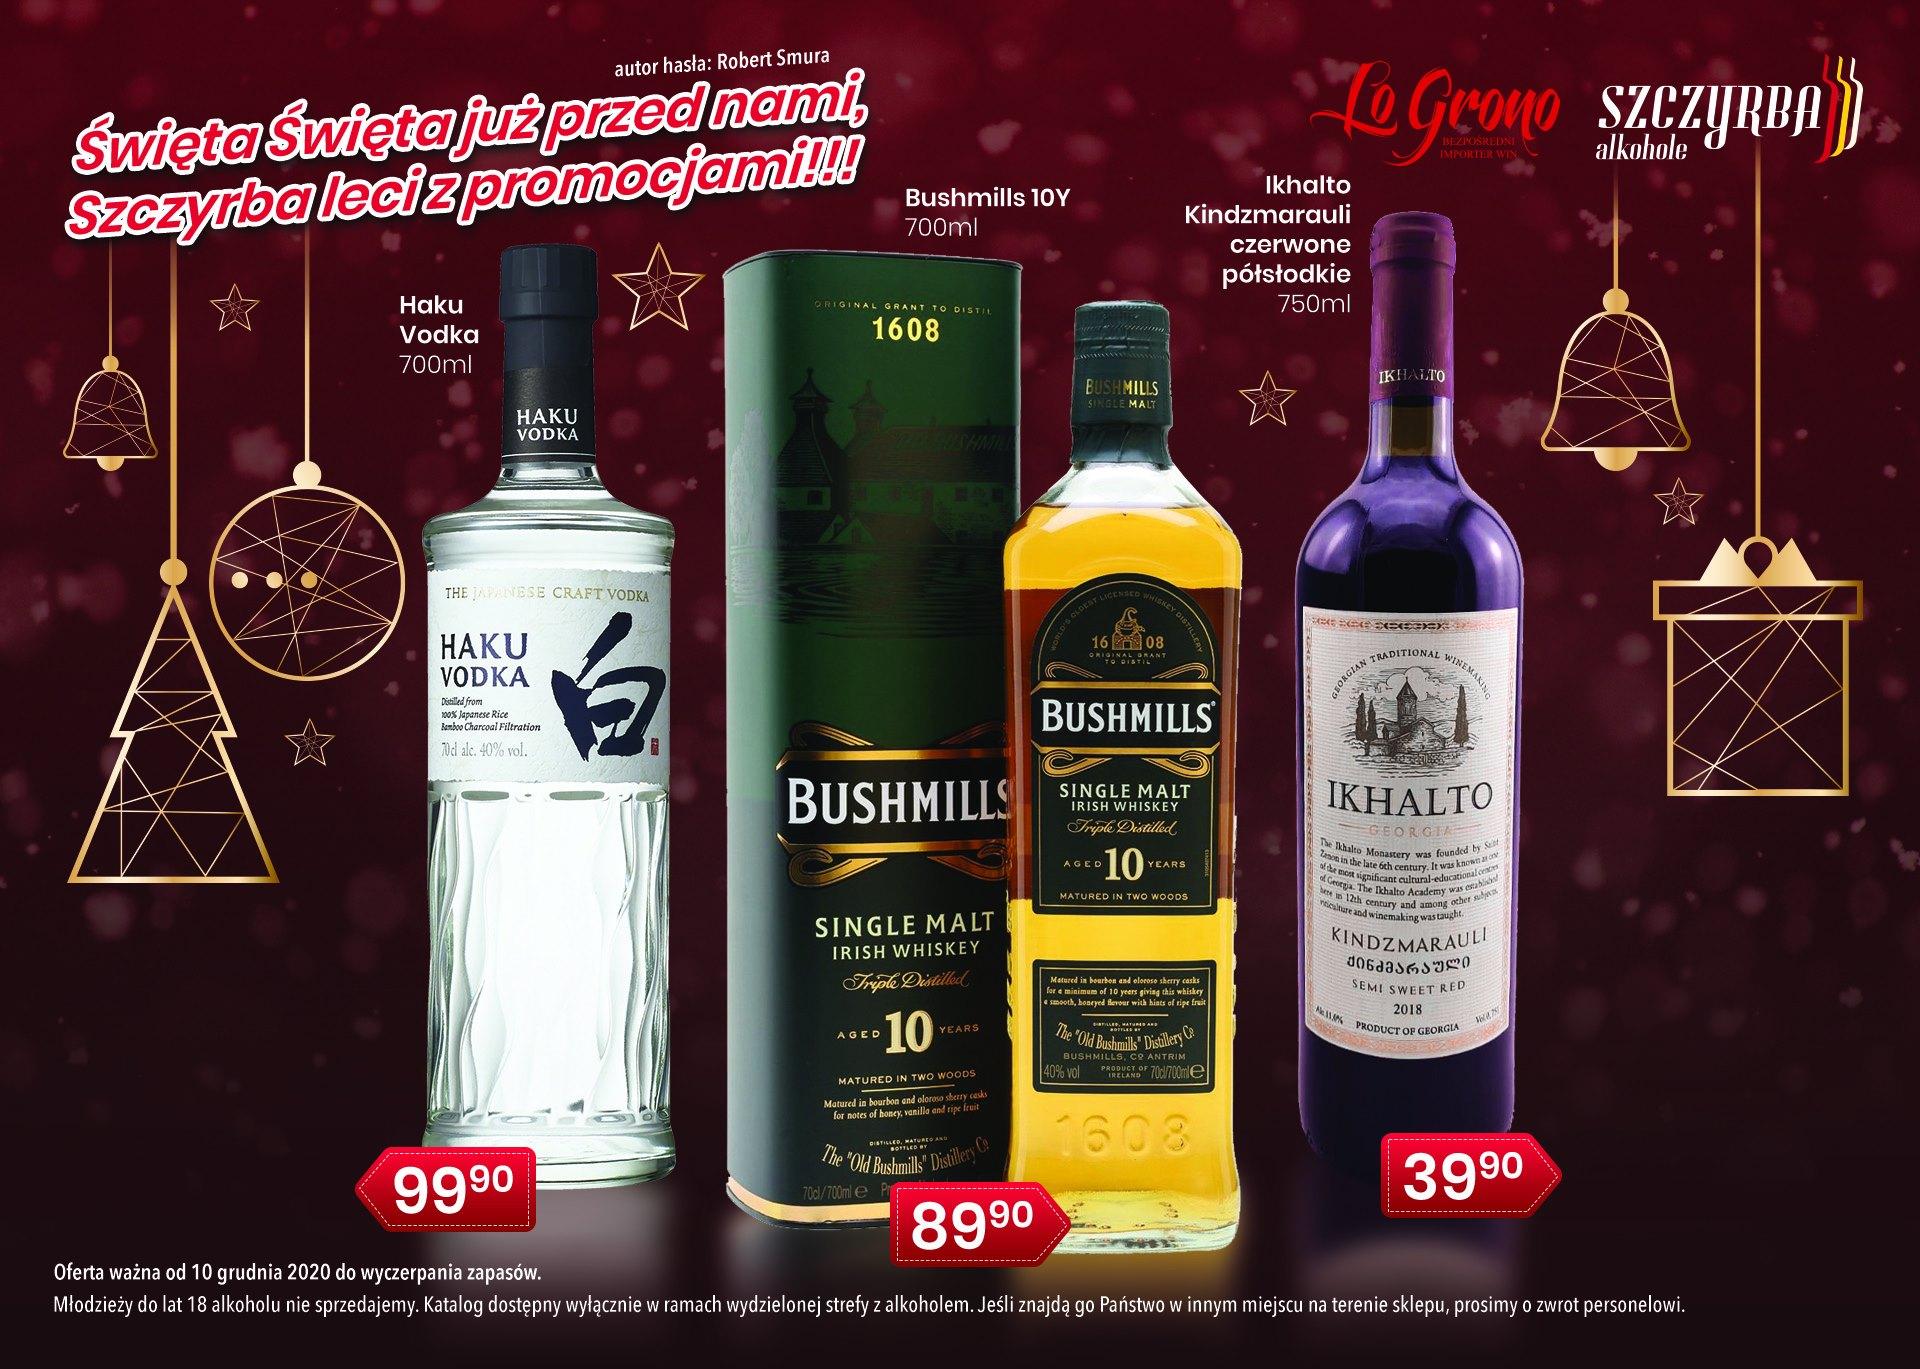 Świąteczna gazetka wódki whisky / whiskey w Szczyrba Alkohole!